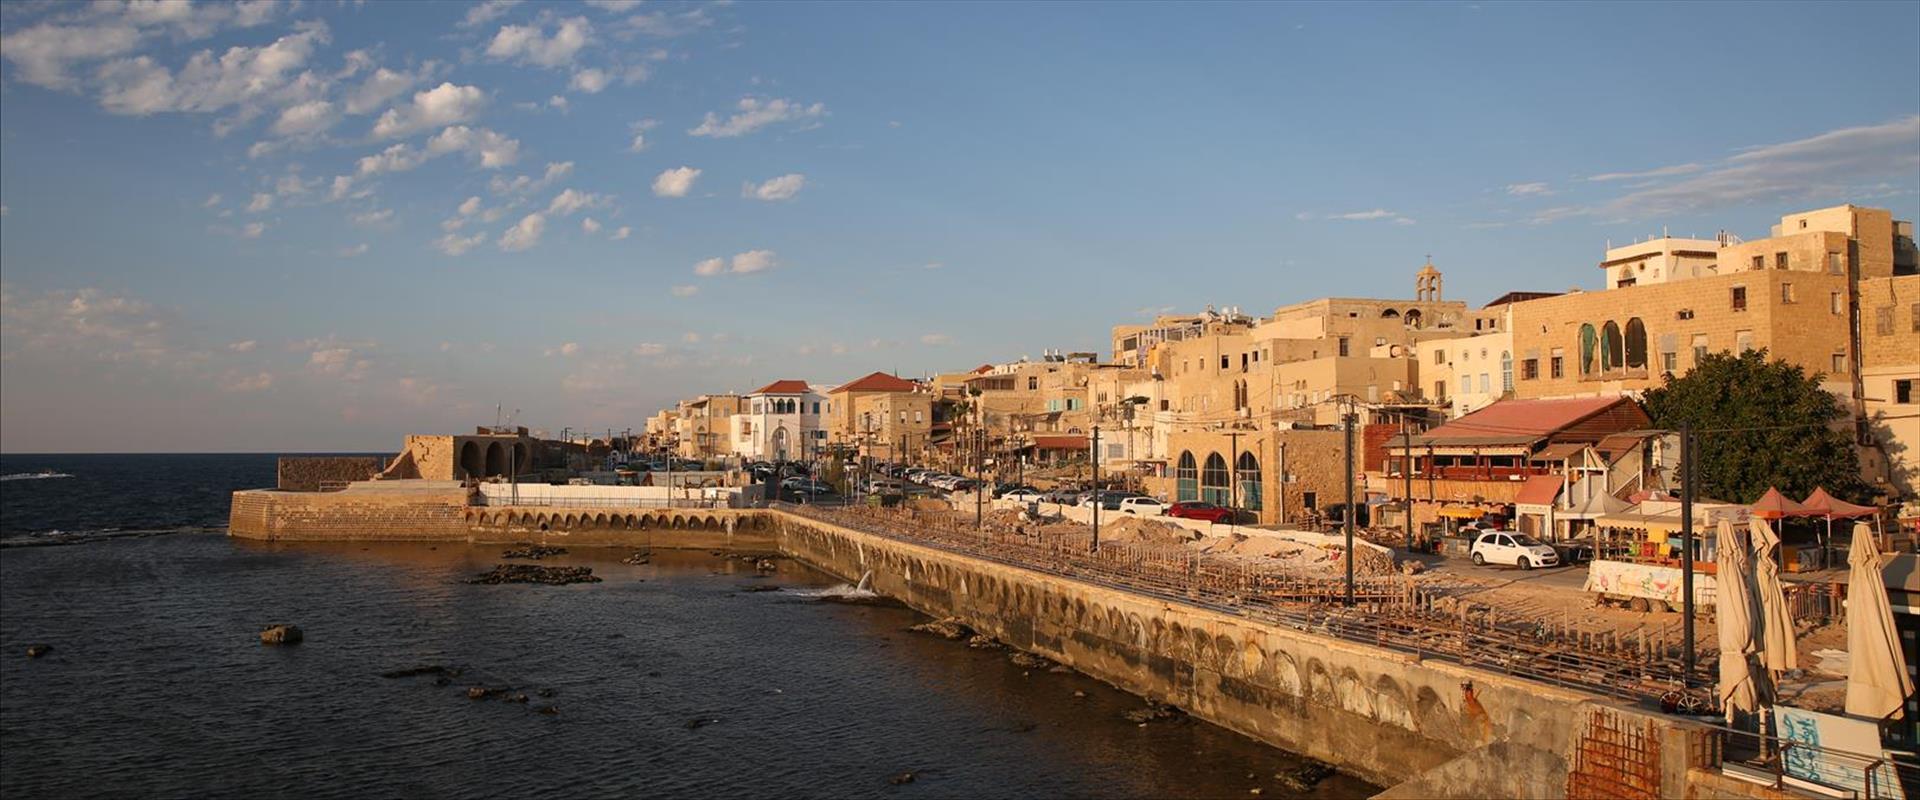 העיר העתיקה של עכו